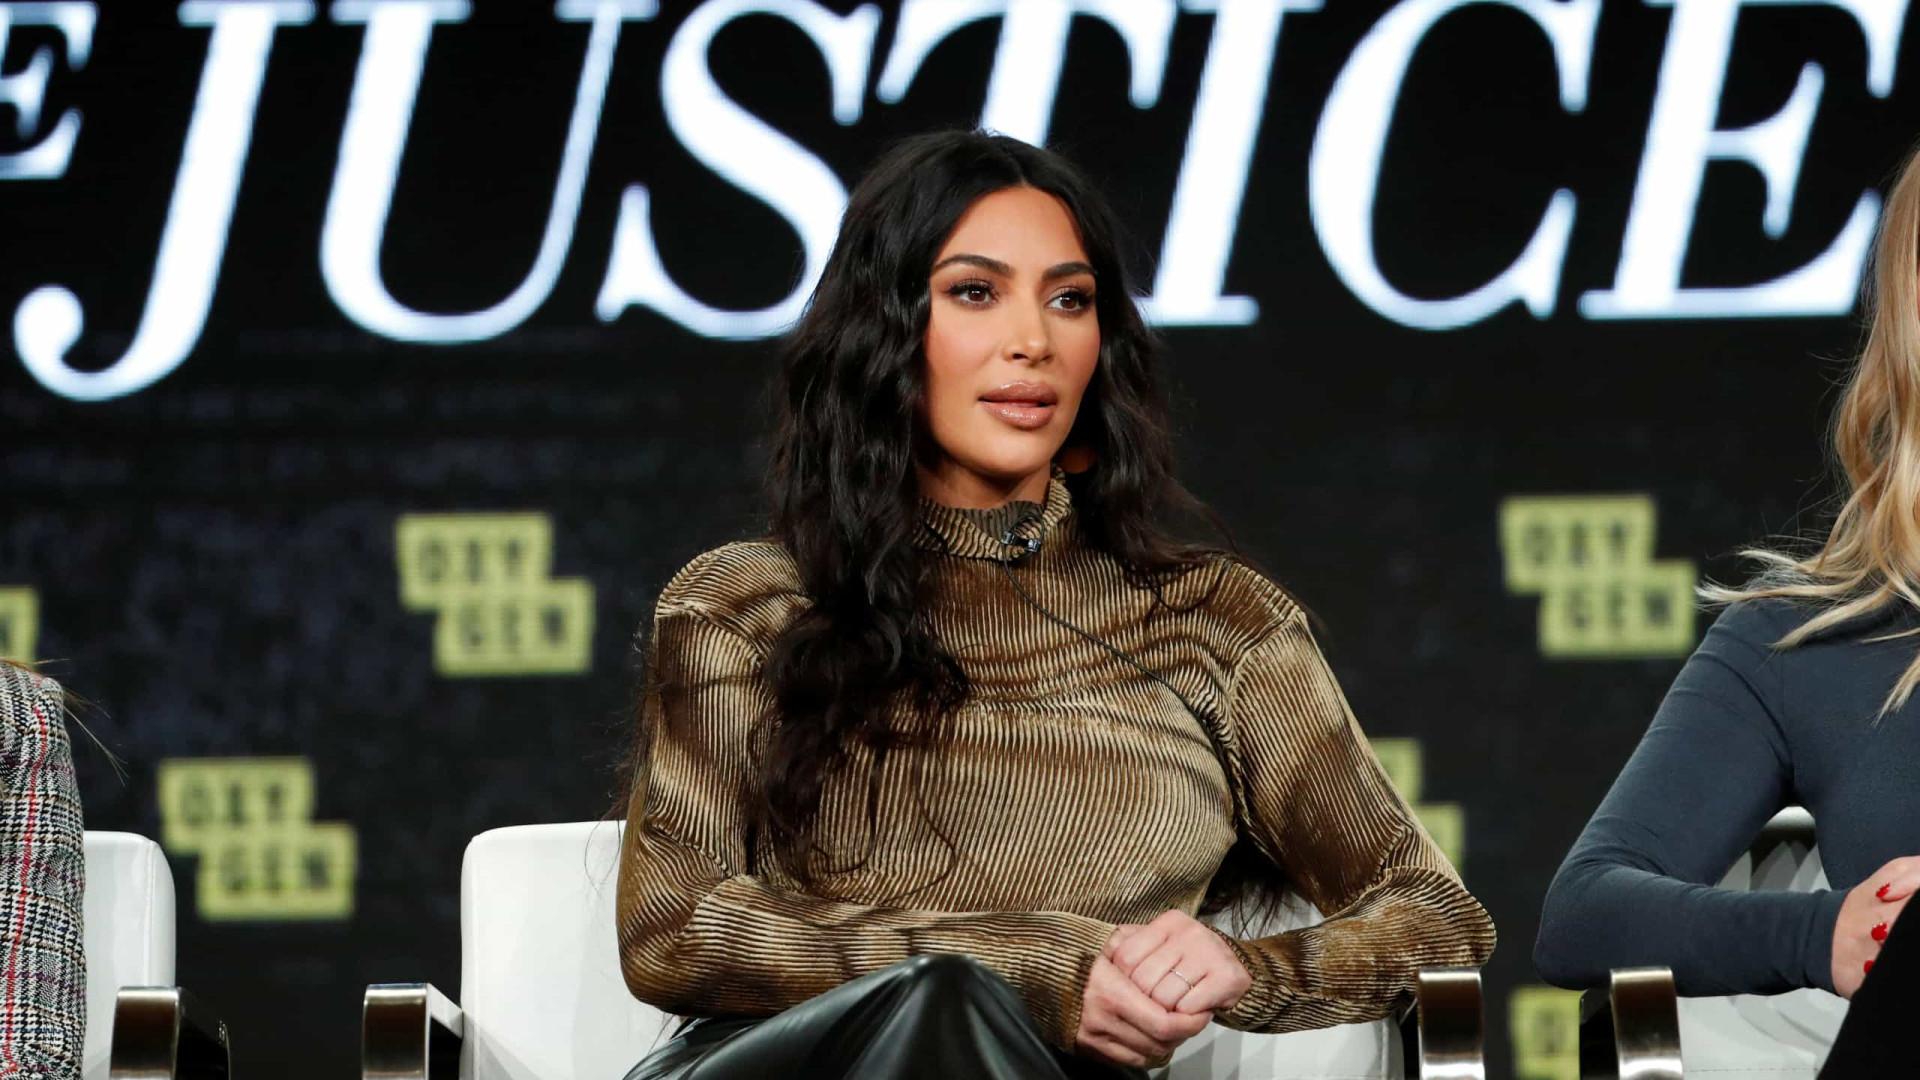 Kim Kardashian West terá podcast exclusivo no Spotify